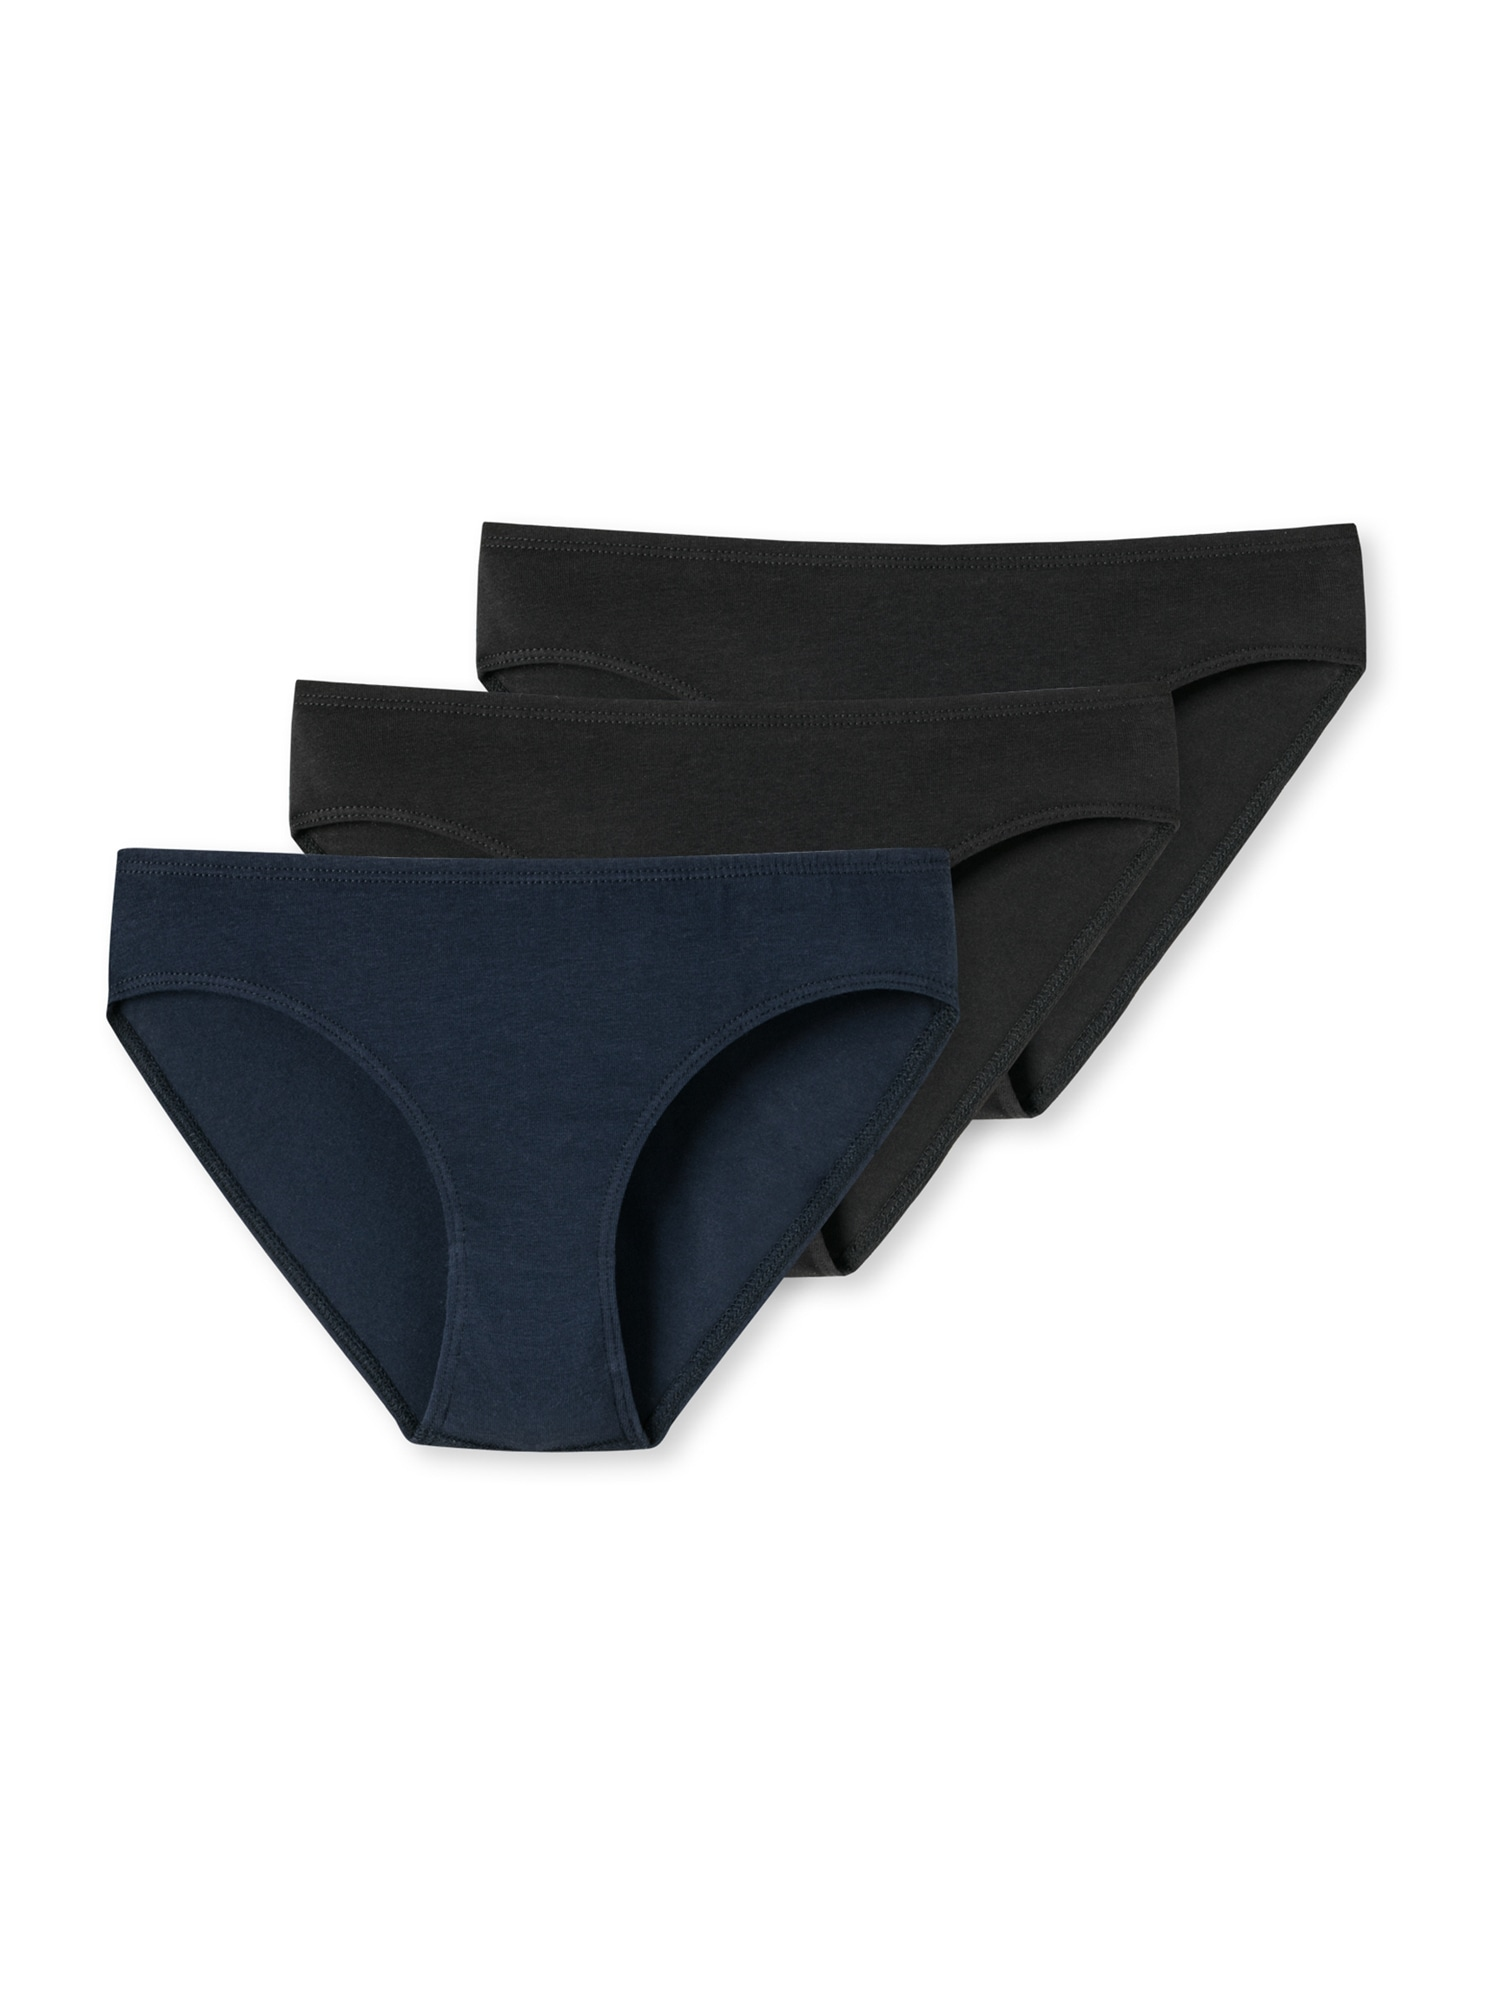 SCHIESSER Apatinės kelnaitės juoda / tamsiai mėlyna jūros spalva